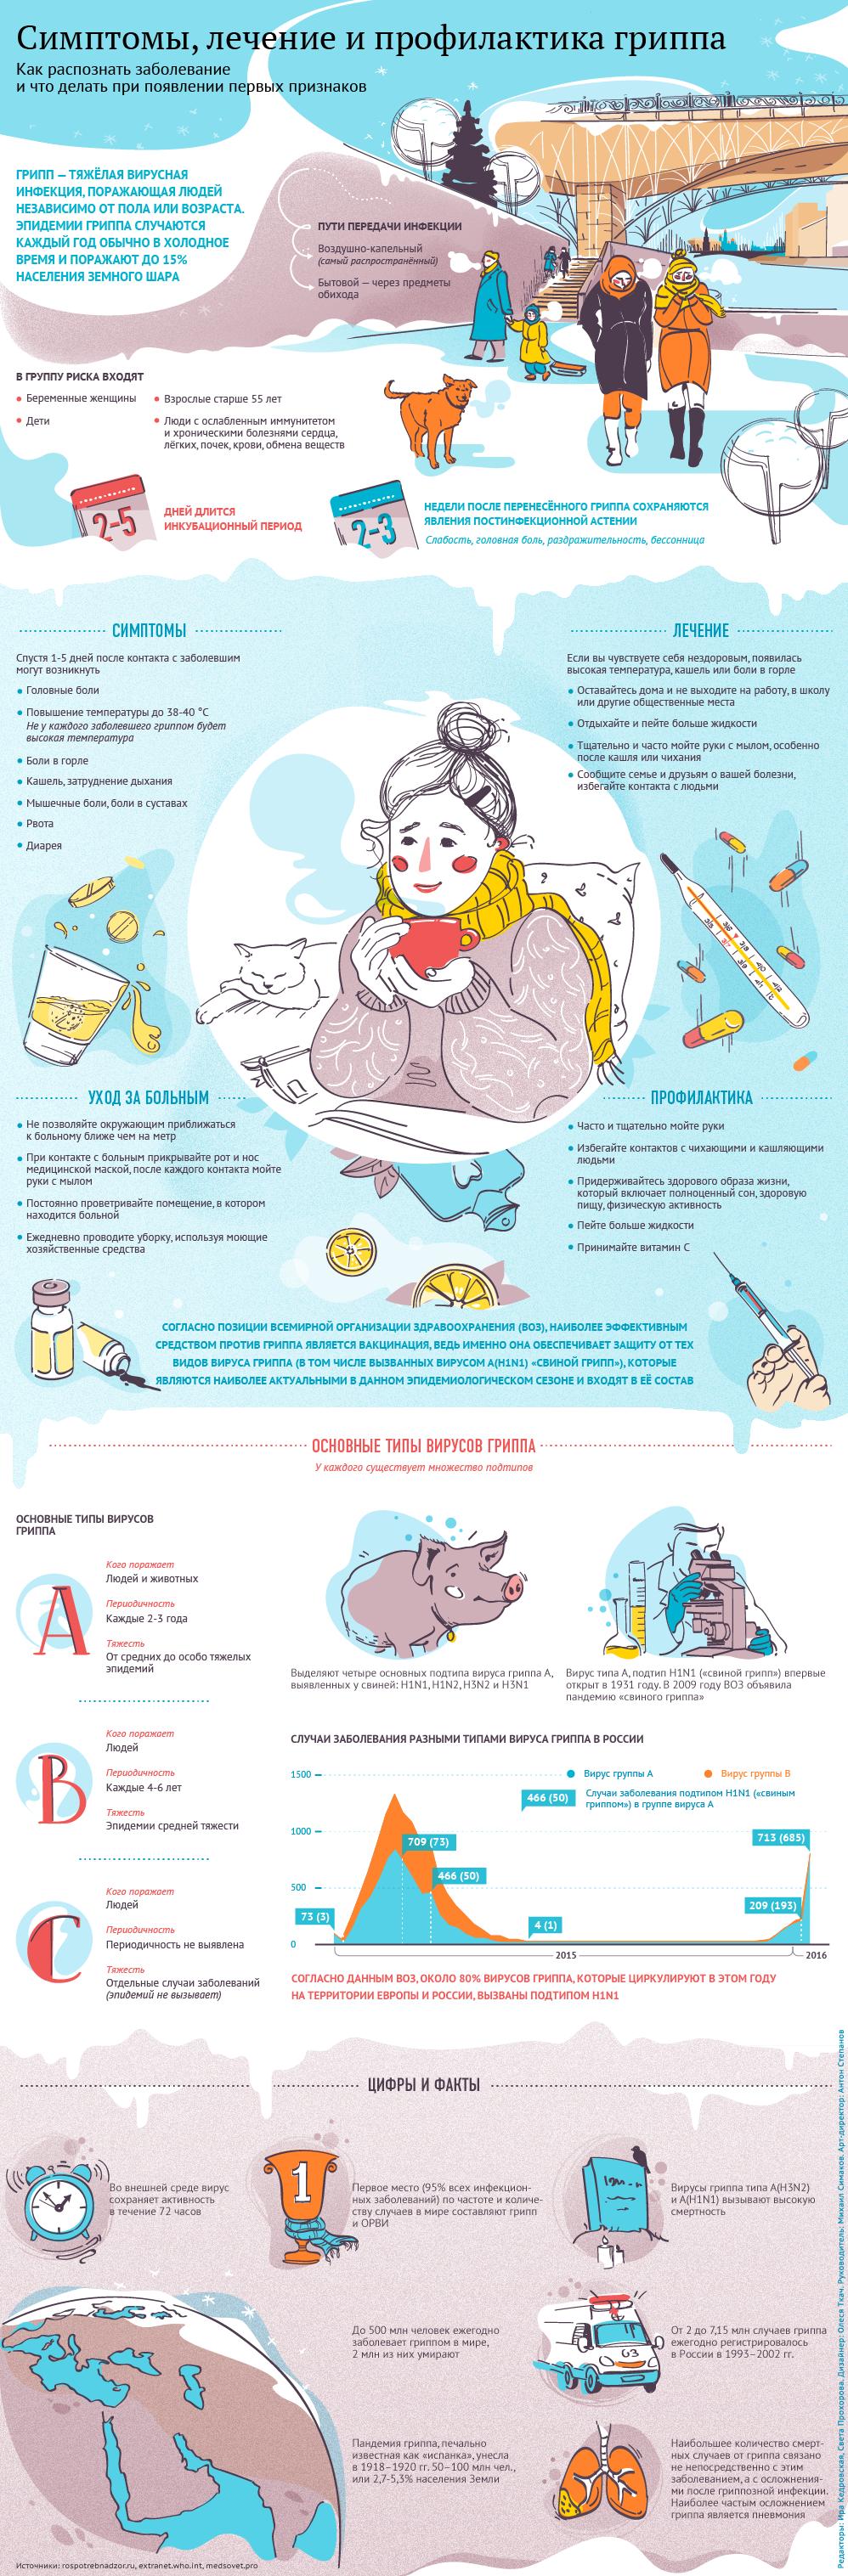 Симптомы, лечение и профилактика гриппа